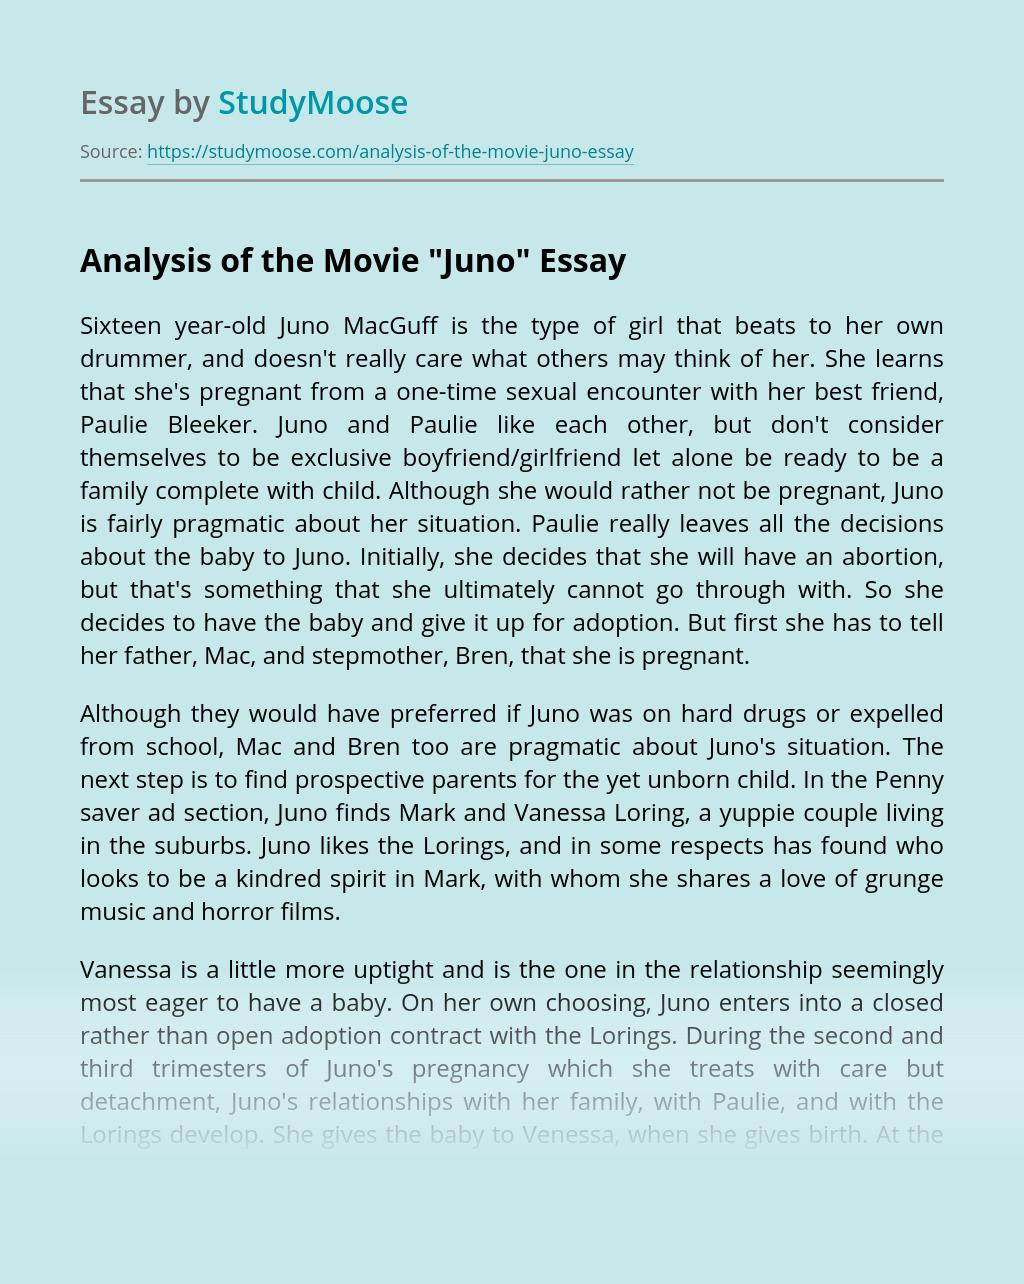 Analysis of the Movie